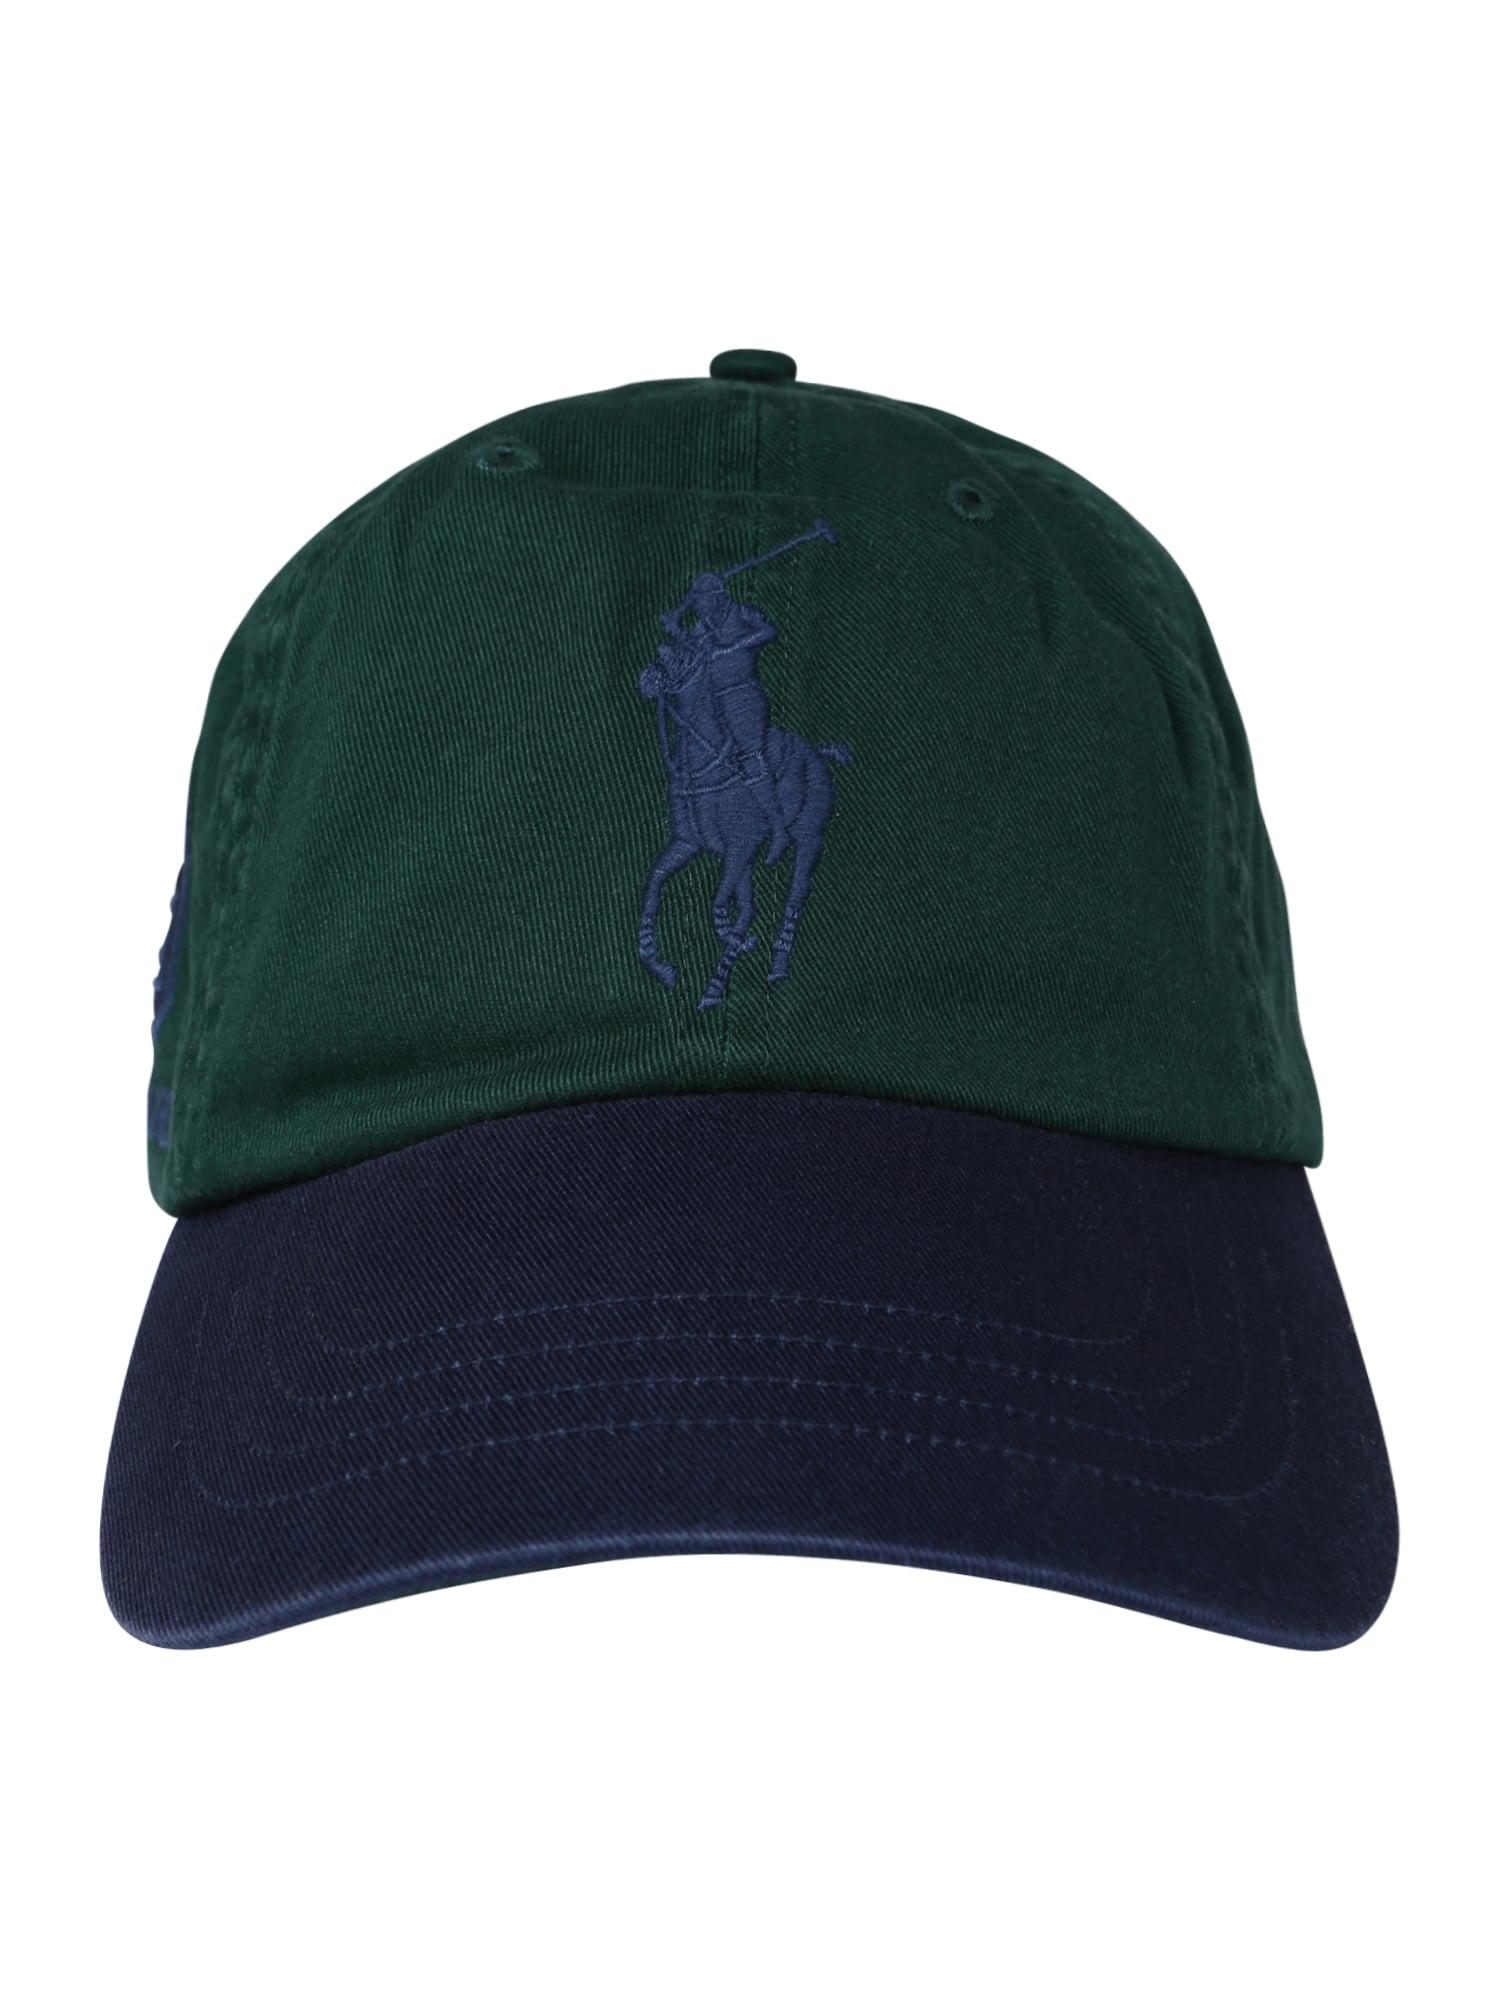 Kšiltovka modrá zelená černá POLO RALPH LAUREN